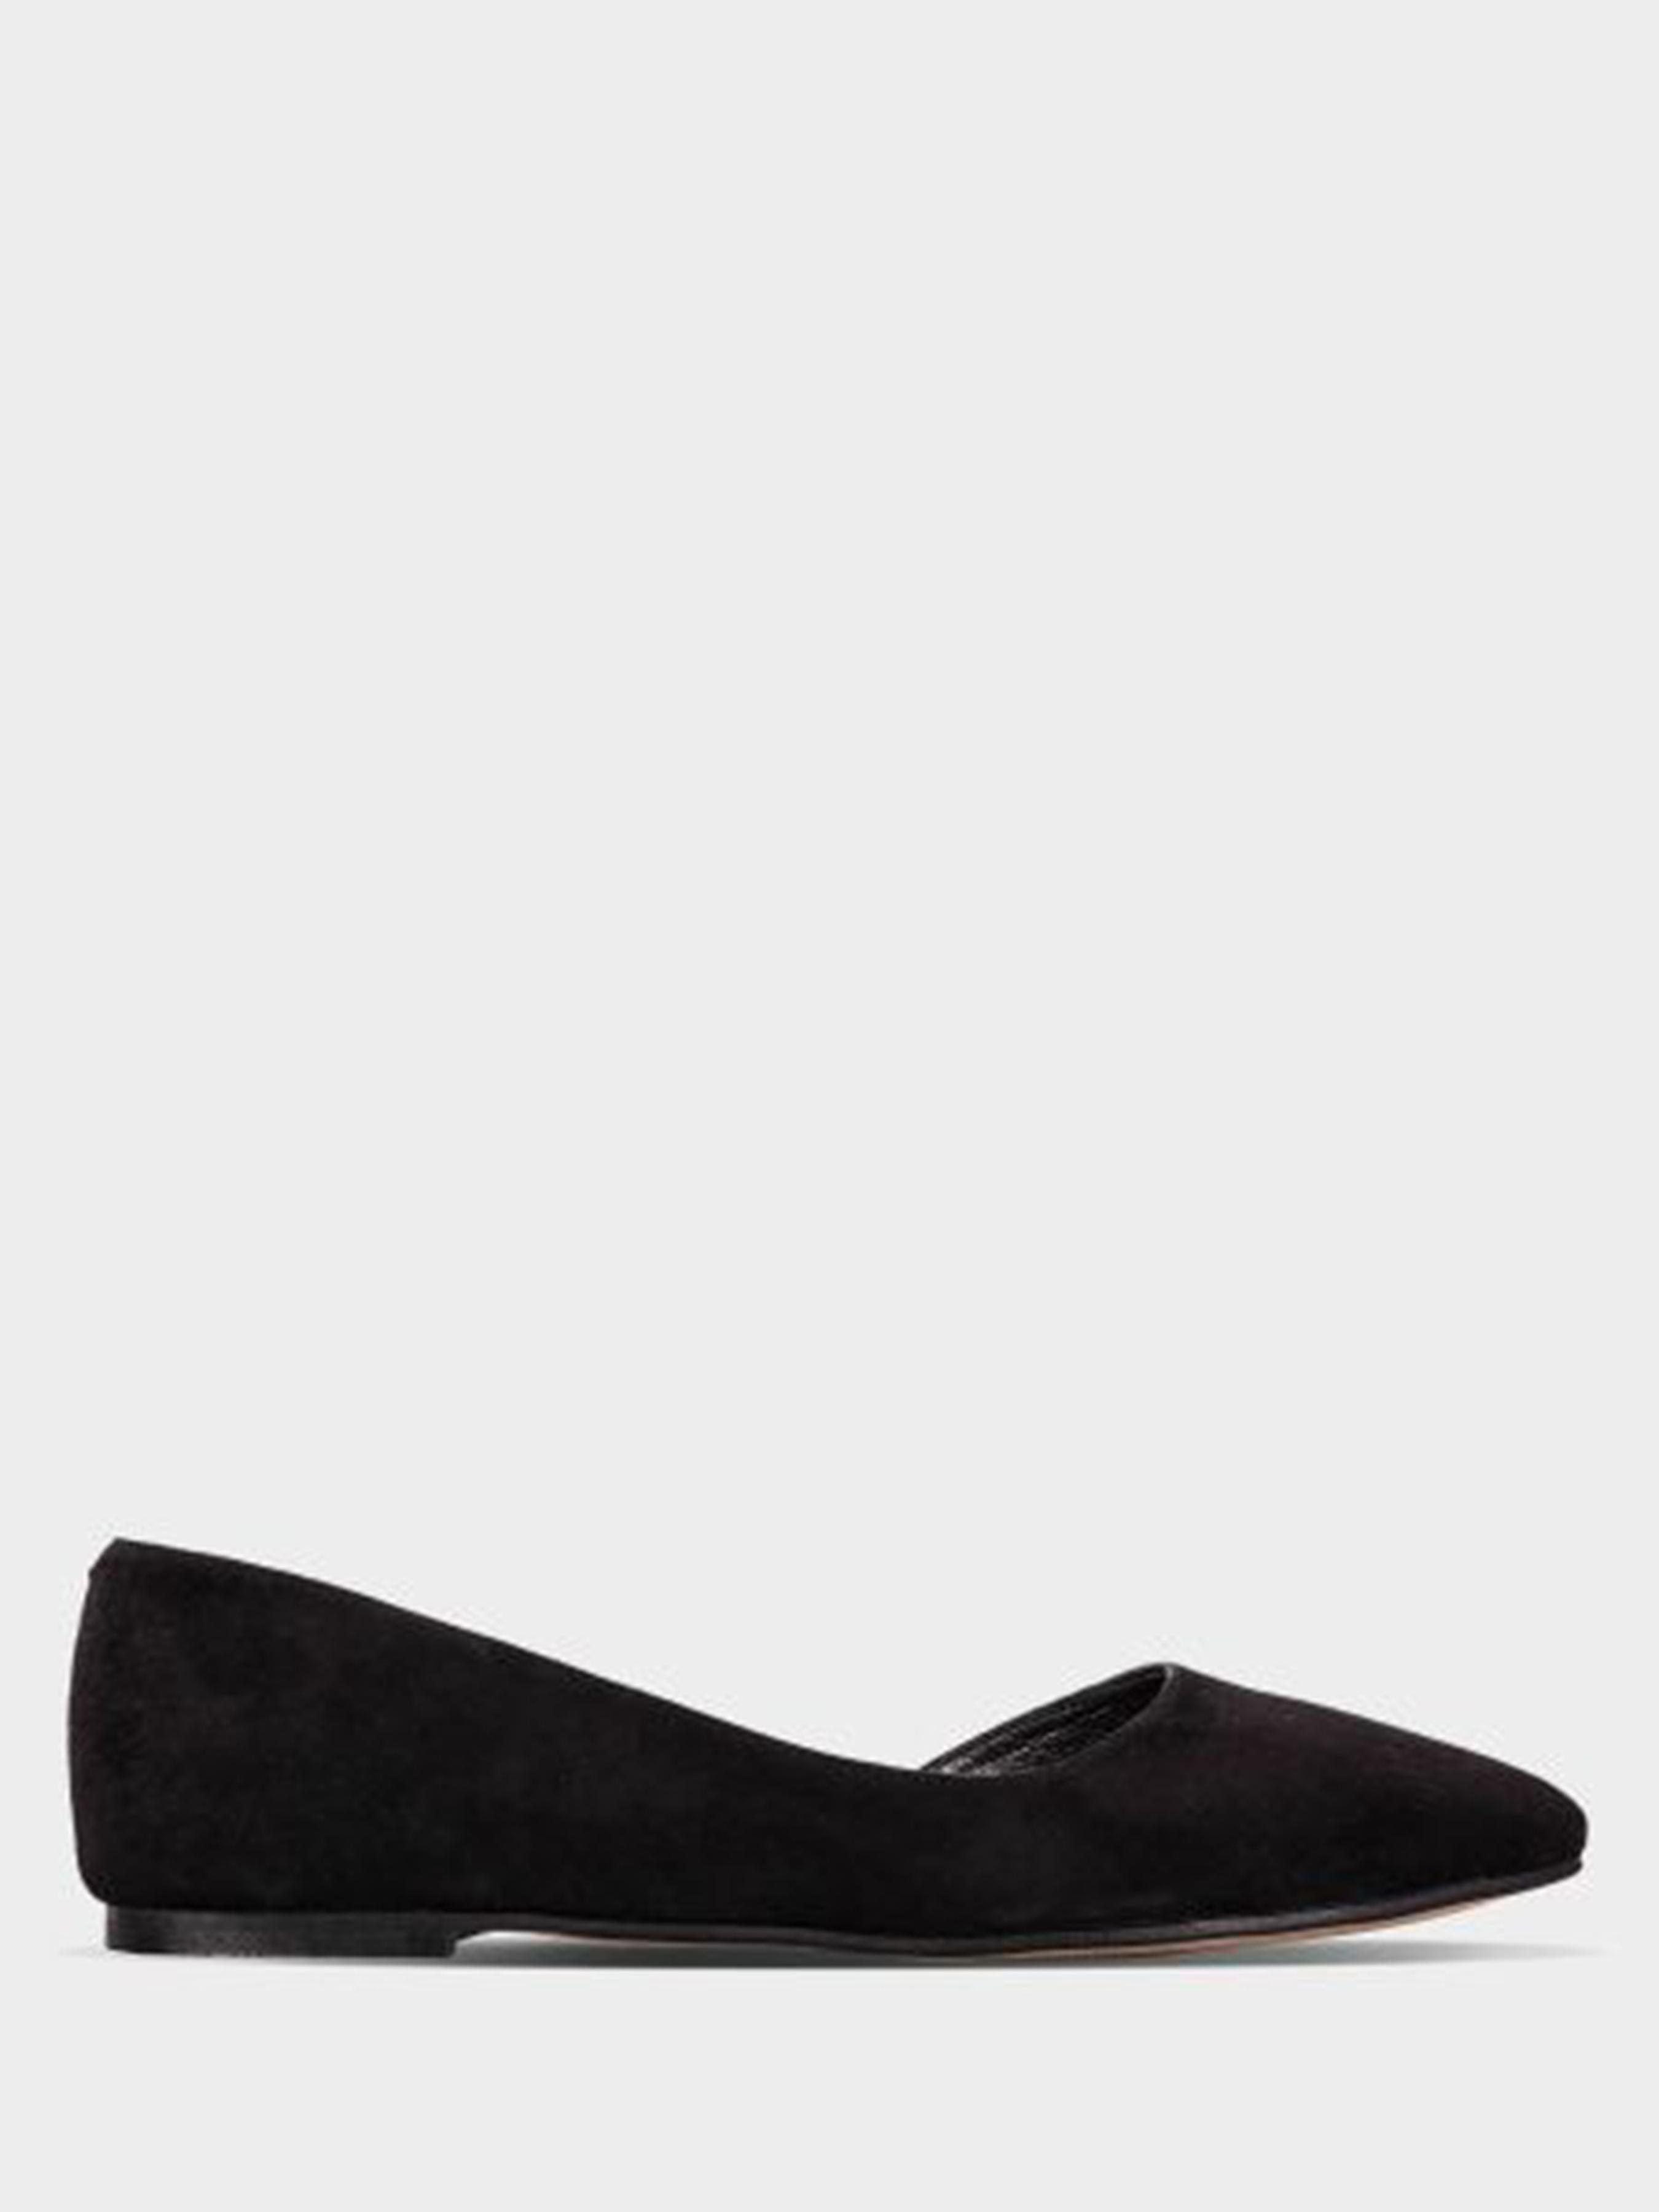 Купить Туфли женские MADIRO 9P66, Черный